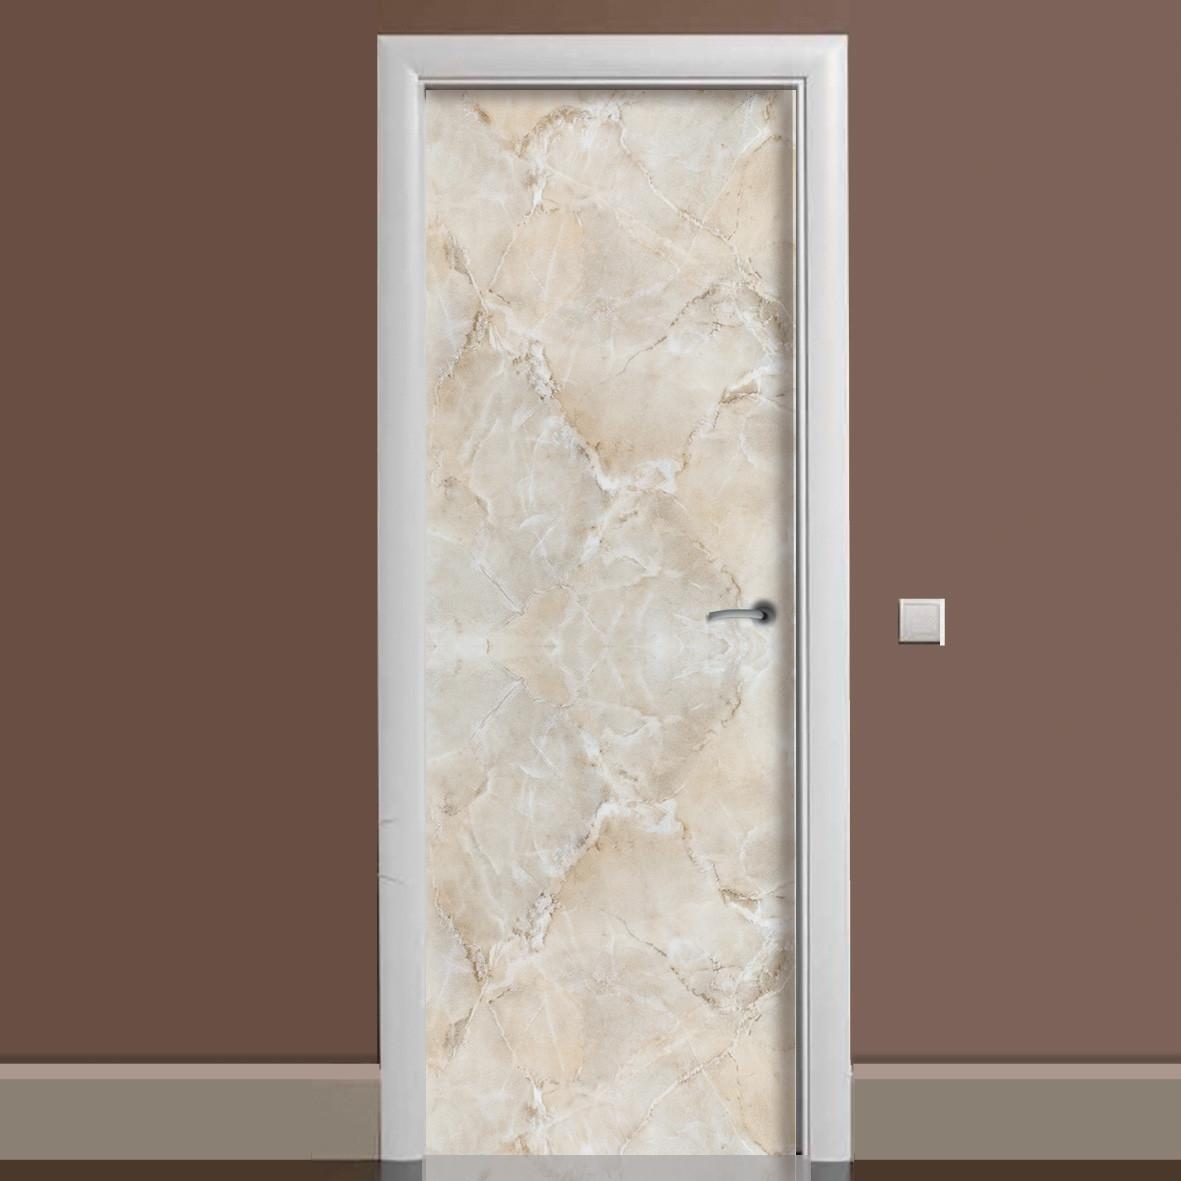 Виниловая наклейка на дверь Мрамор 01 Бежевый ламинированная двойная (пленка фотопечать под камень)